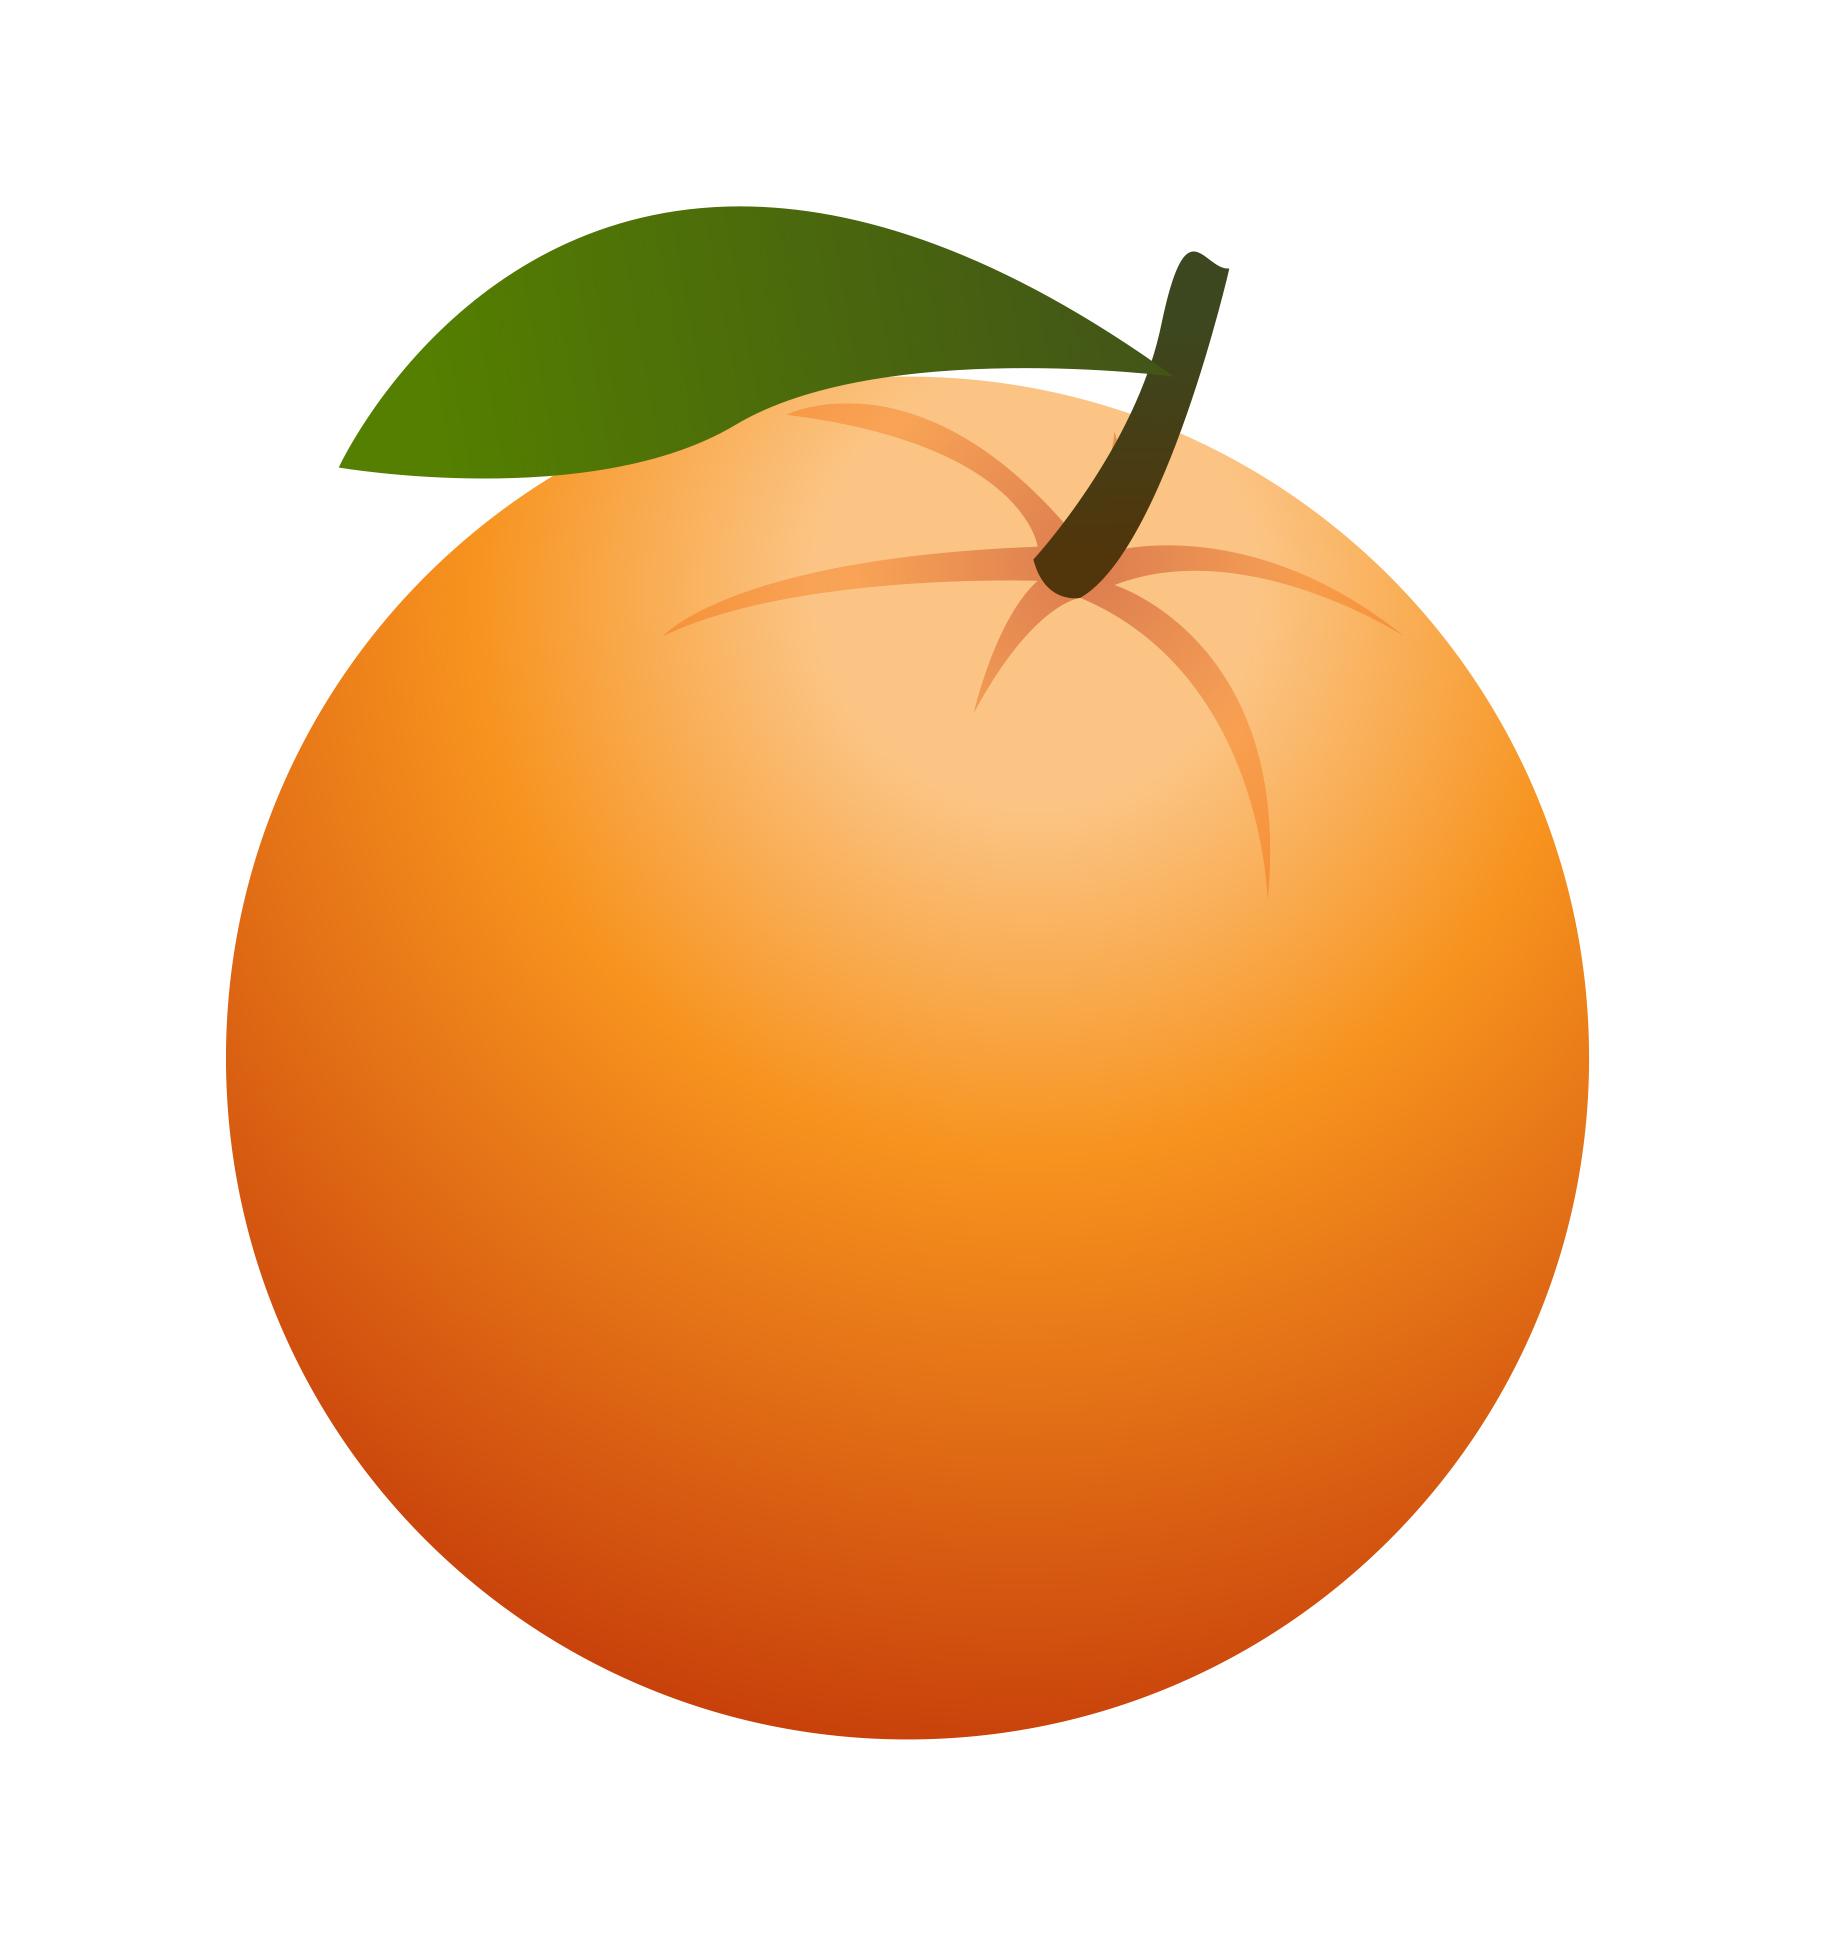 1824x1951 Oranges Image Of Orange Clipart Clipartfest